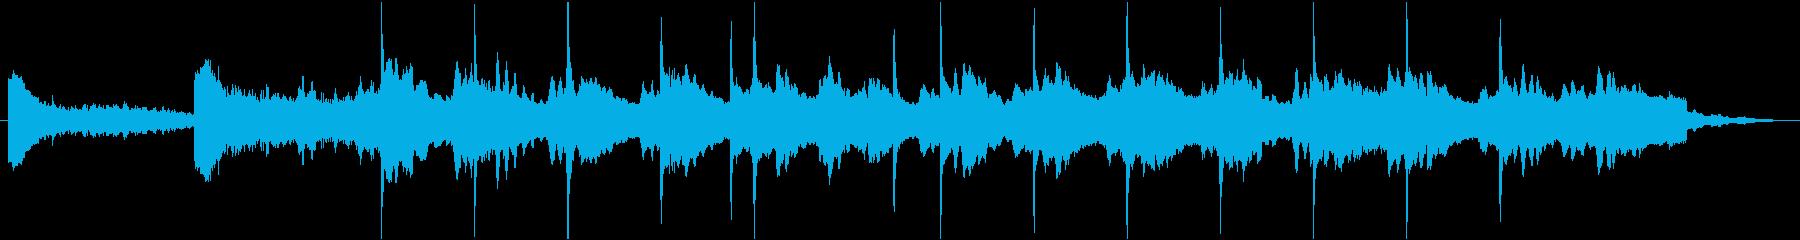 自然の大きさを感じる 無機質なBGM の再生済みの波形